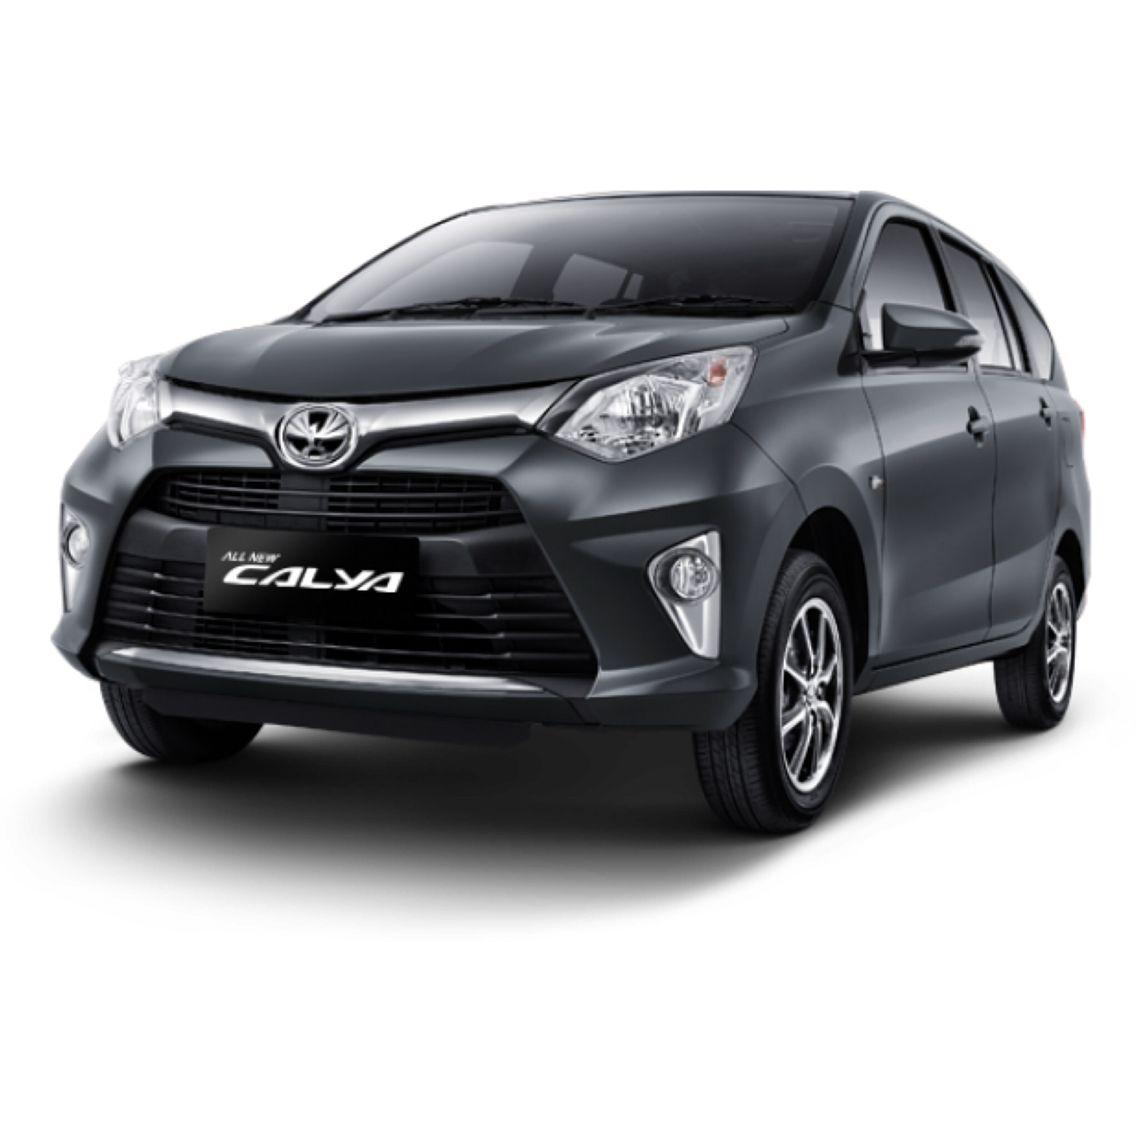 Kelebihan Kekurangan Harga Mobil Toyota Calya Top Model Tahun Ini